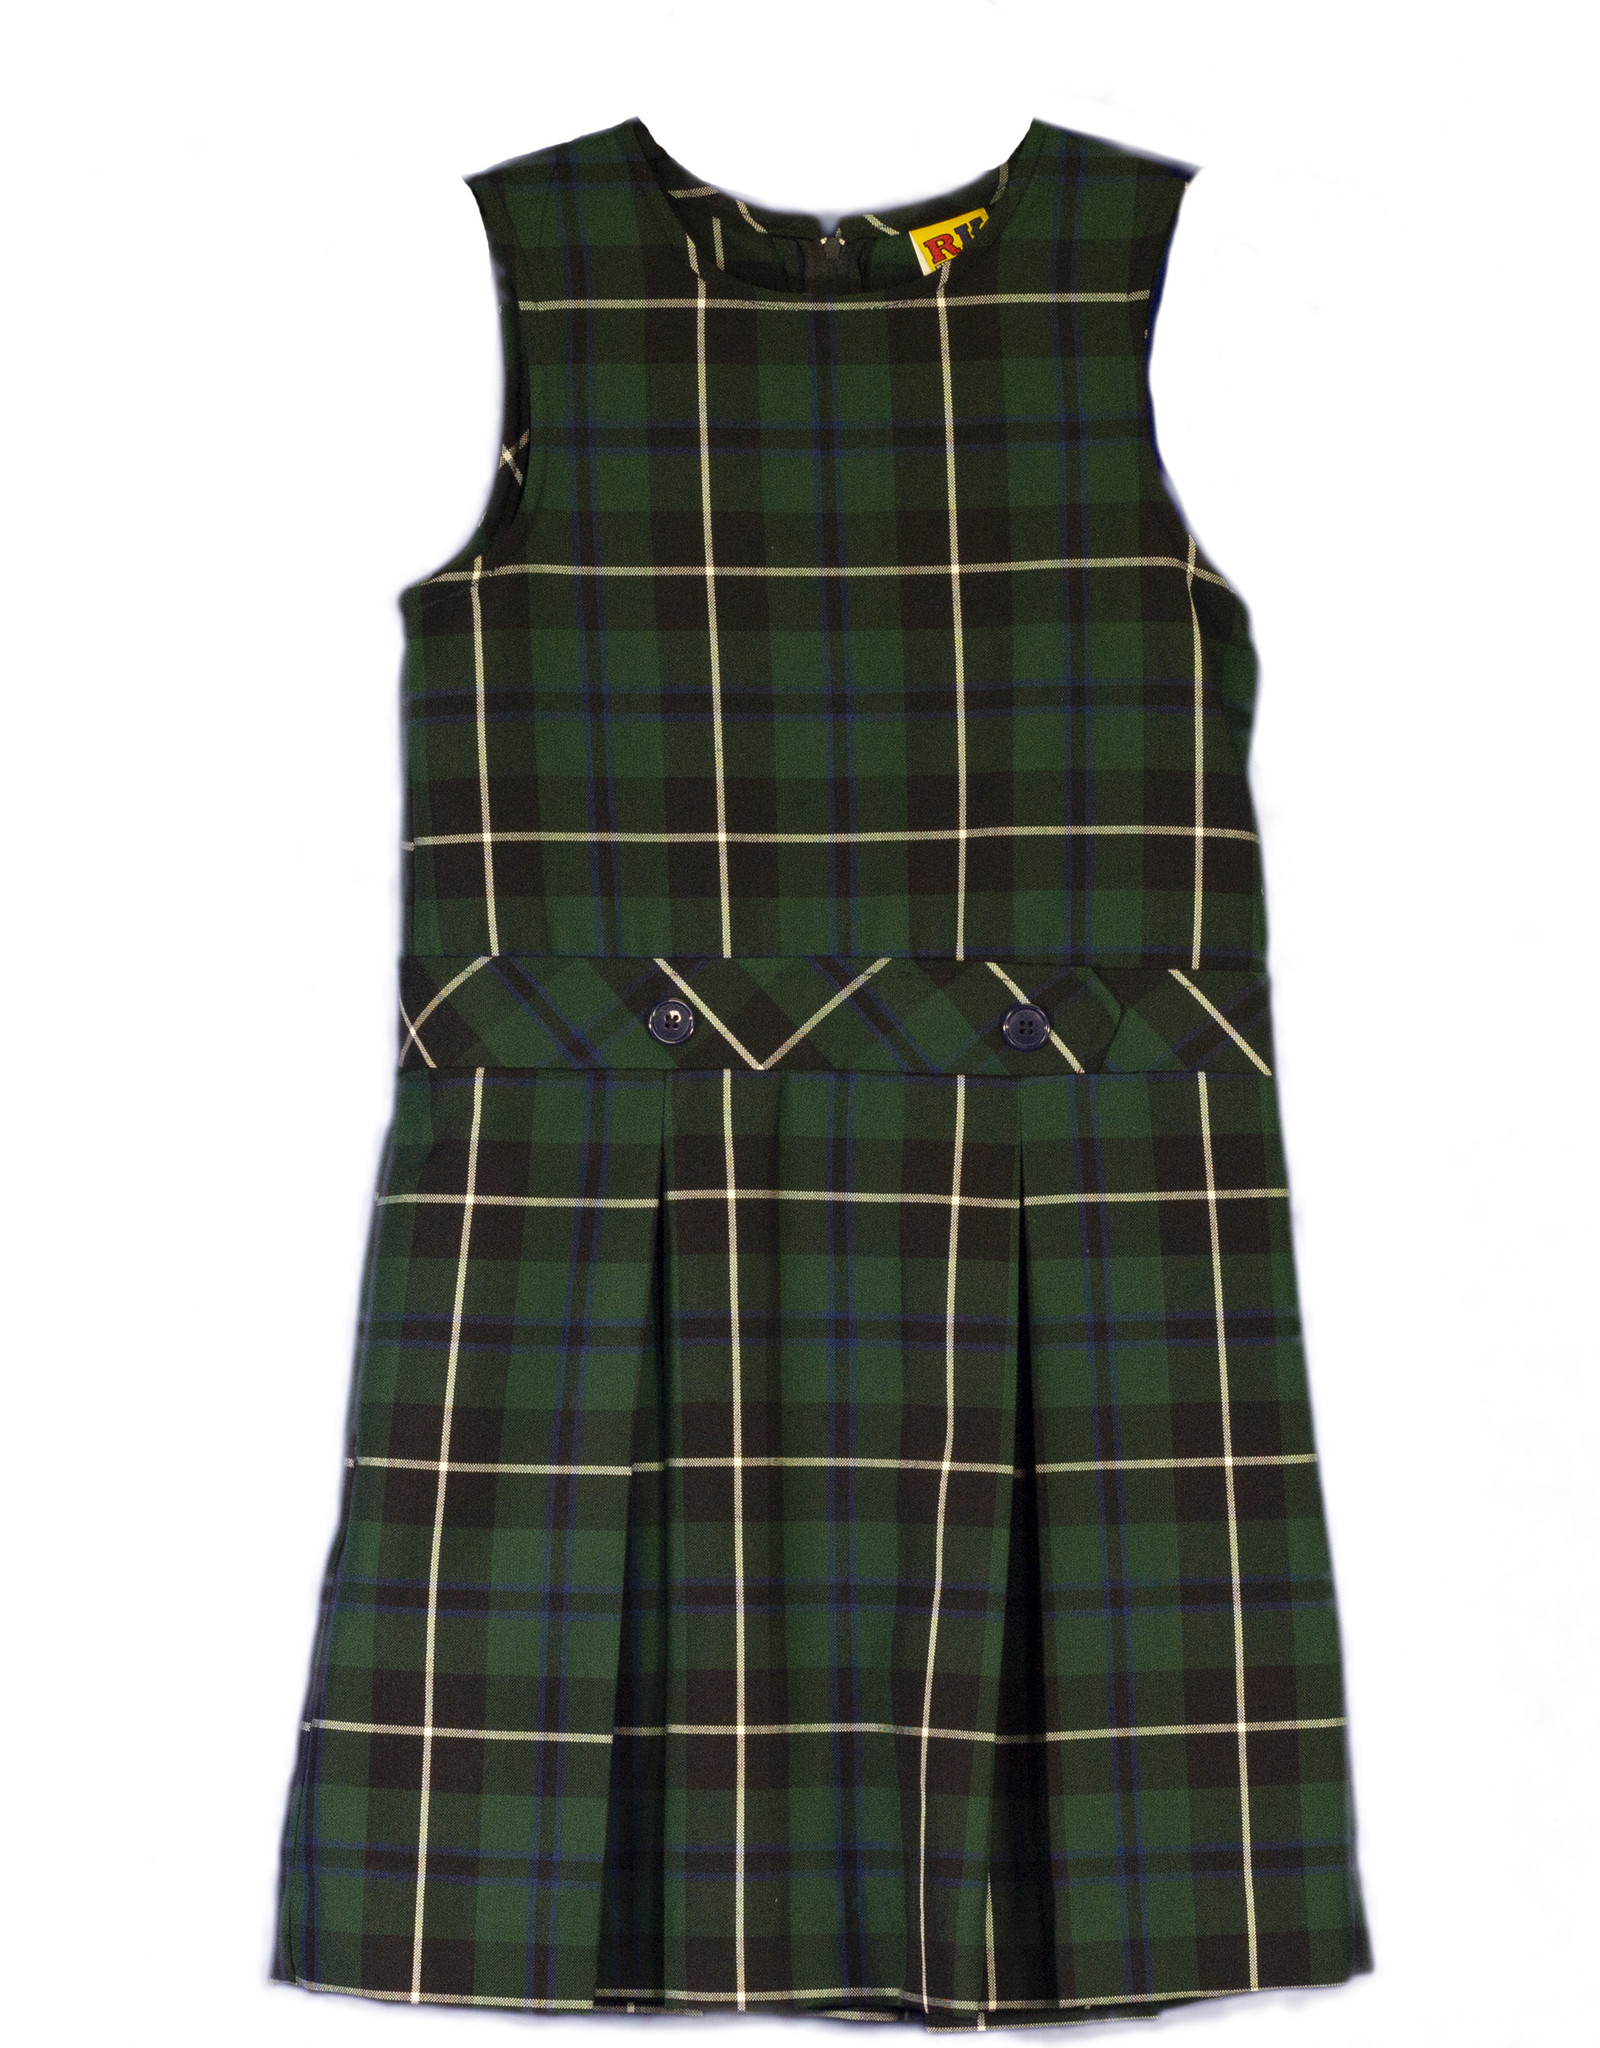 Jumper/ Dress